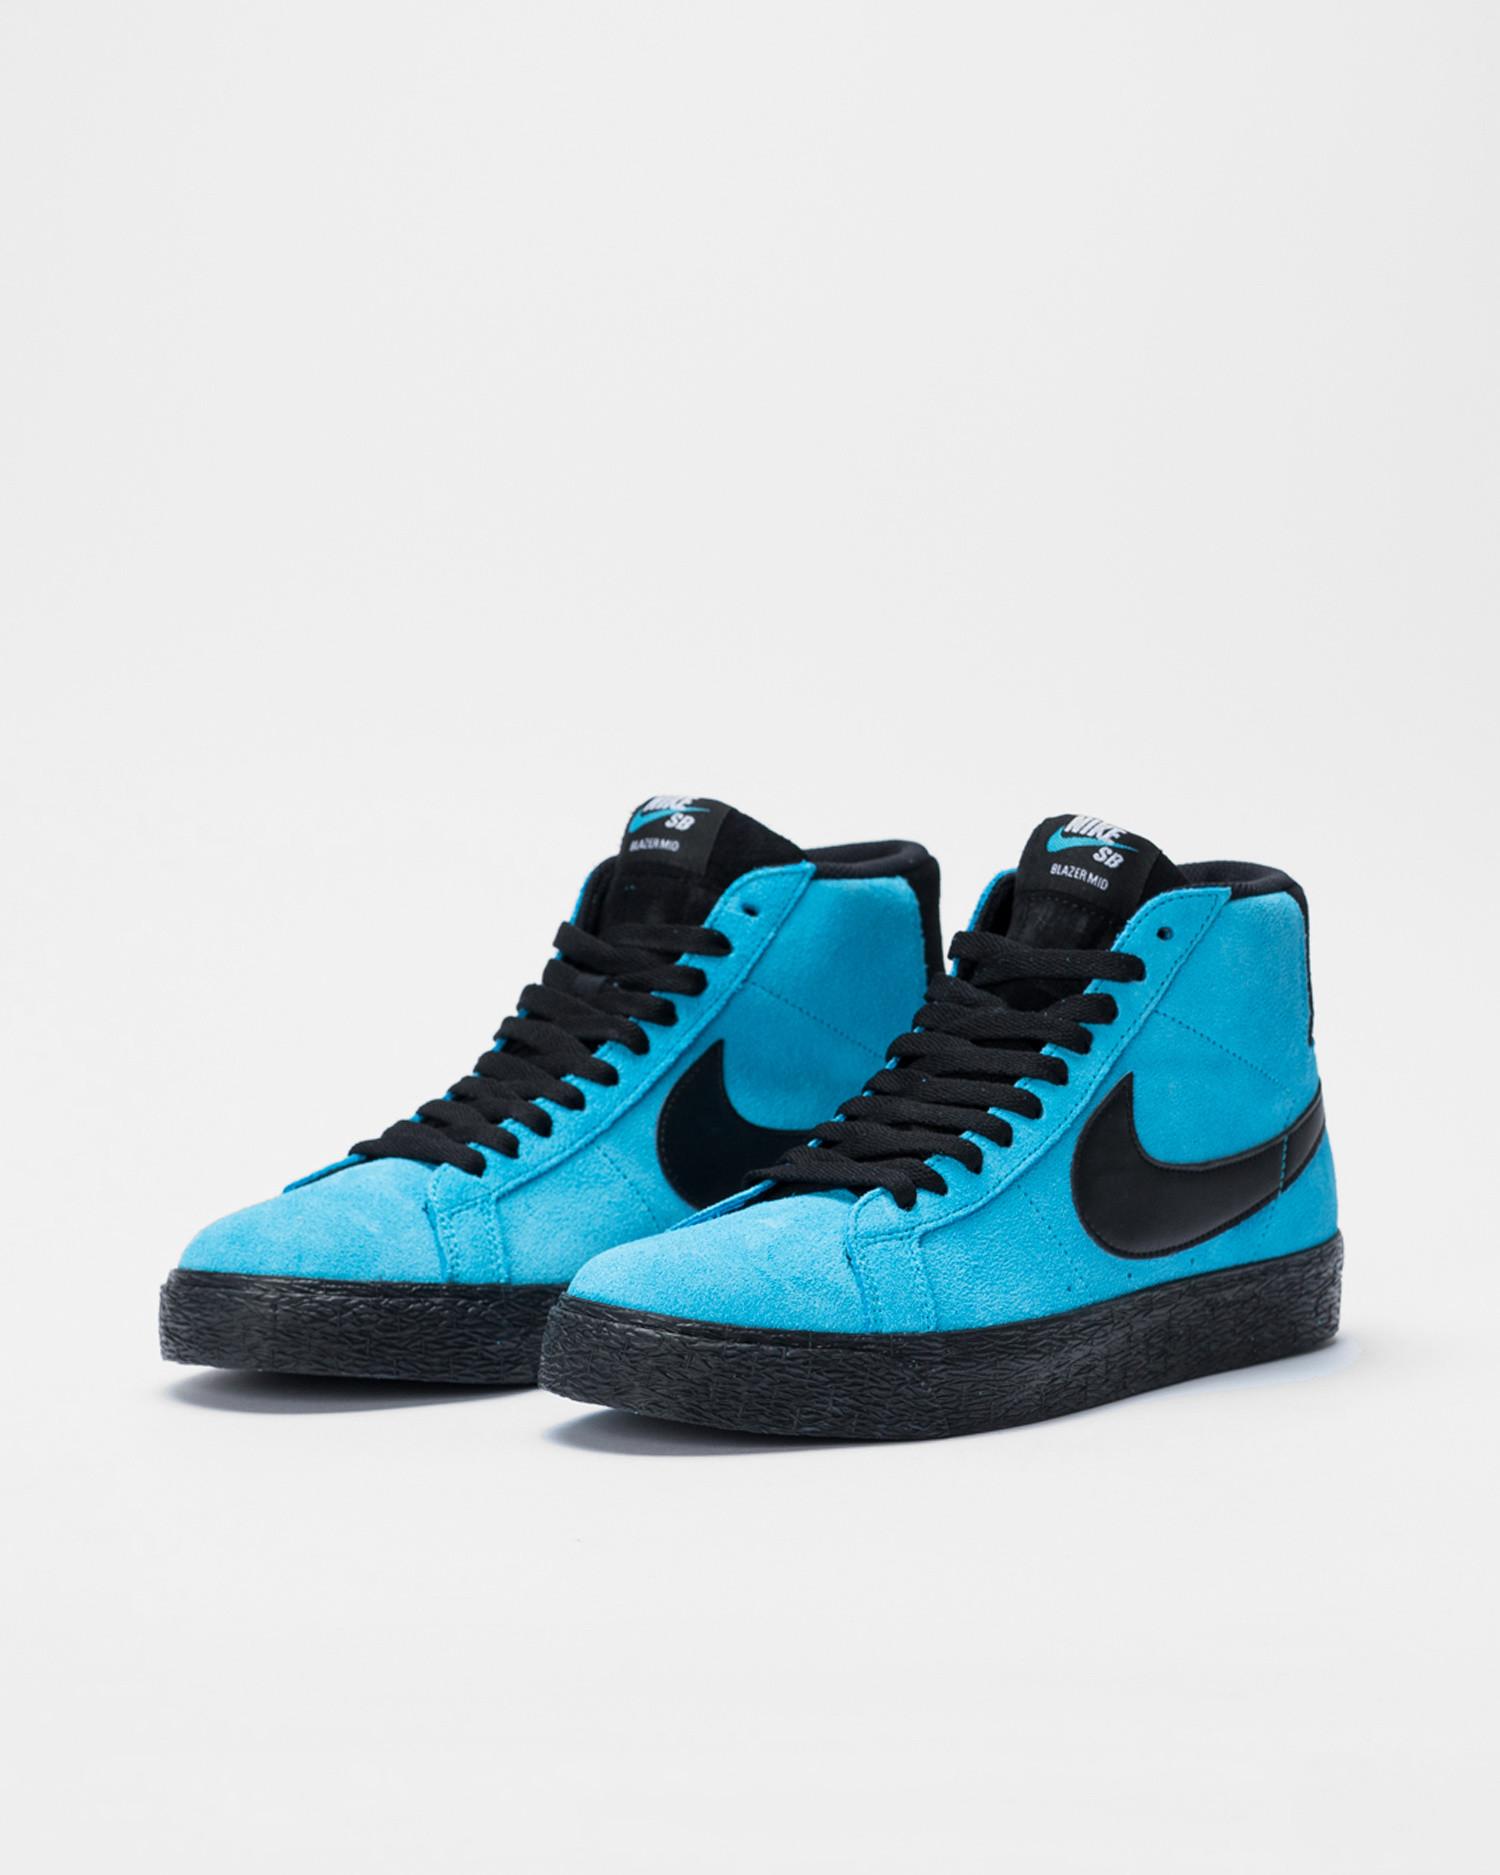 Nike SB Blazer Mid Baltic blue/black-baltic blue-white